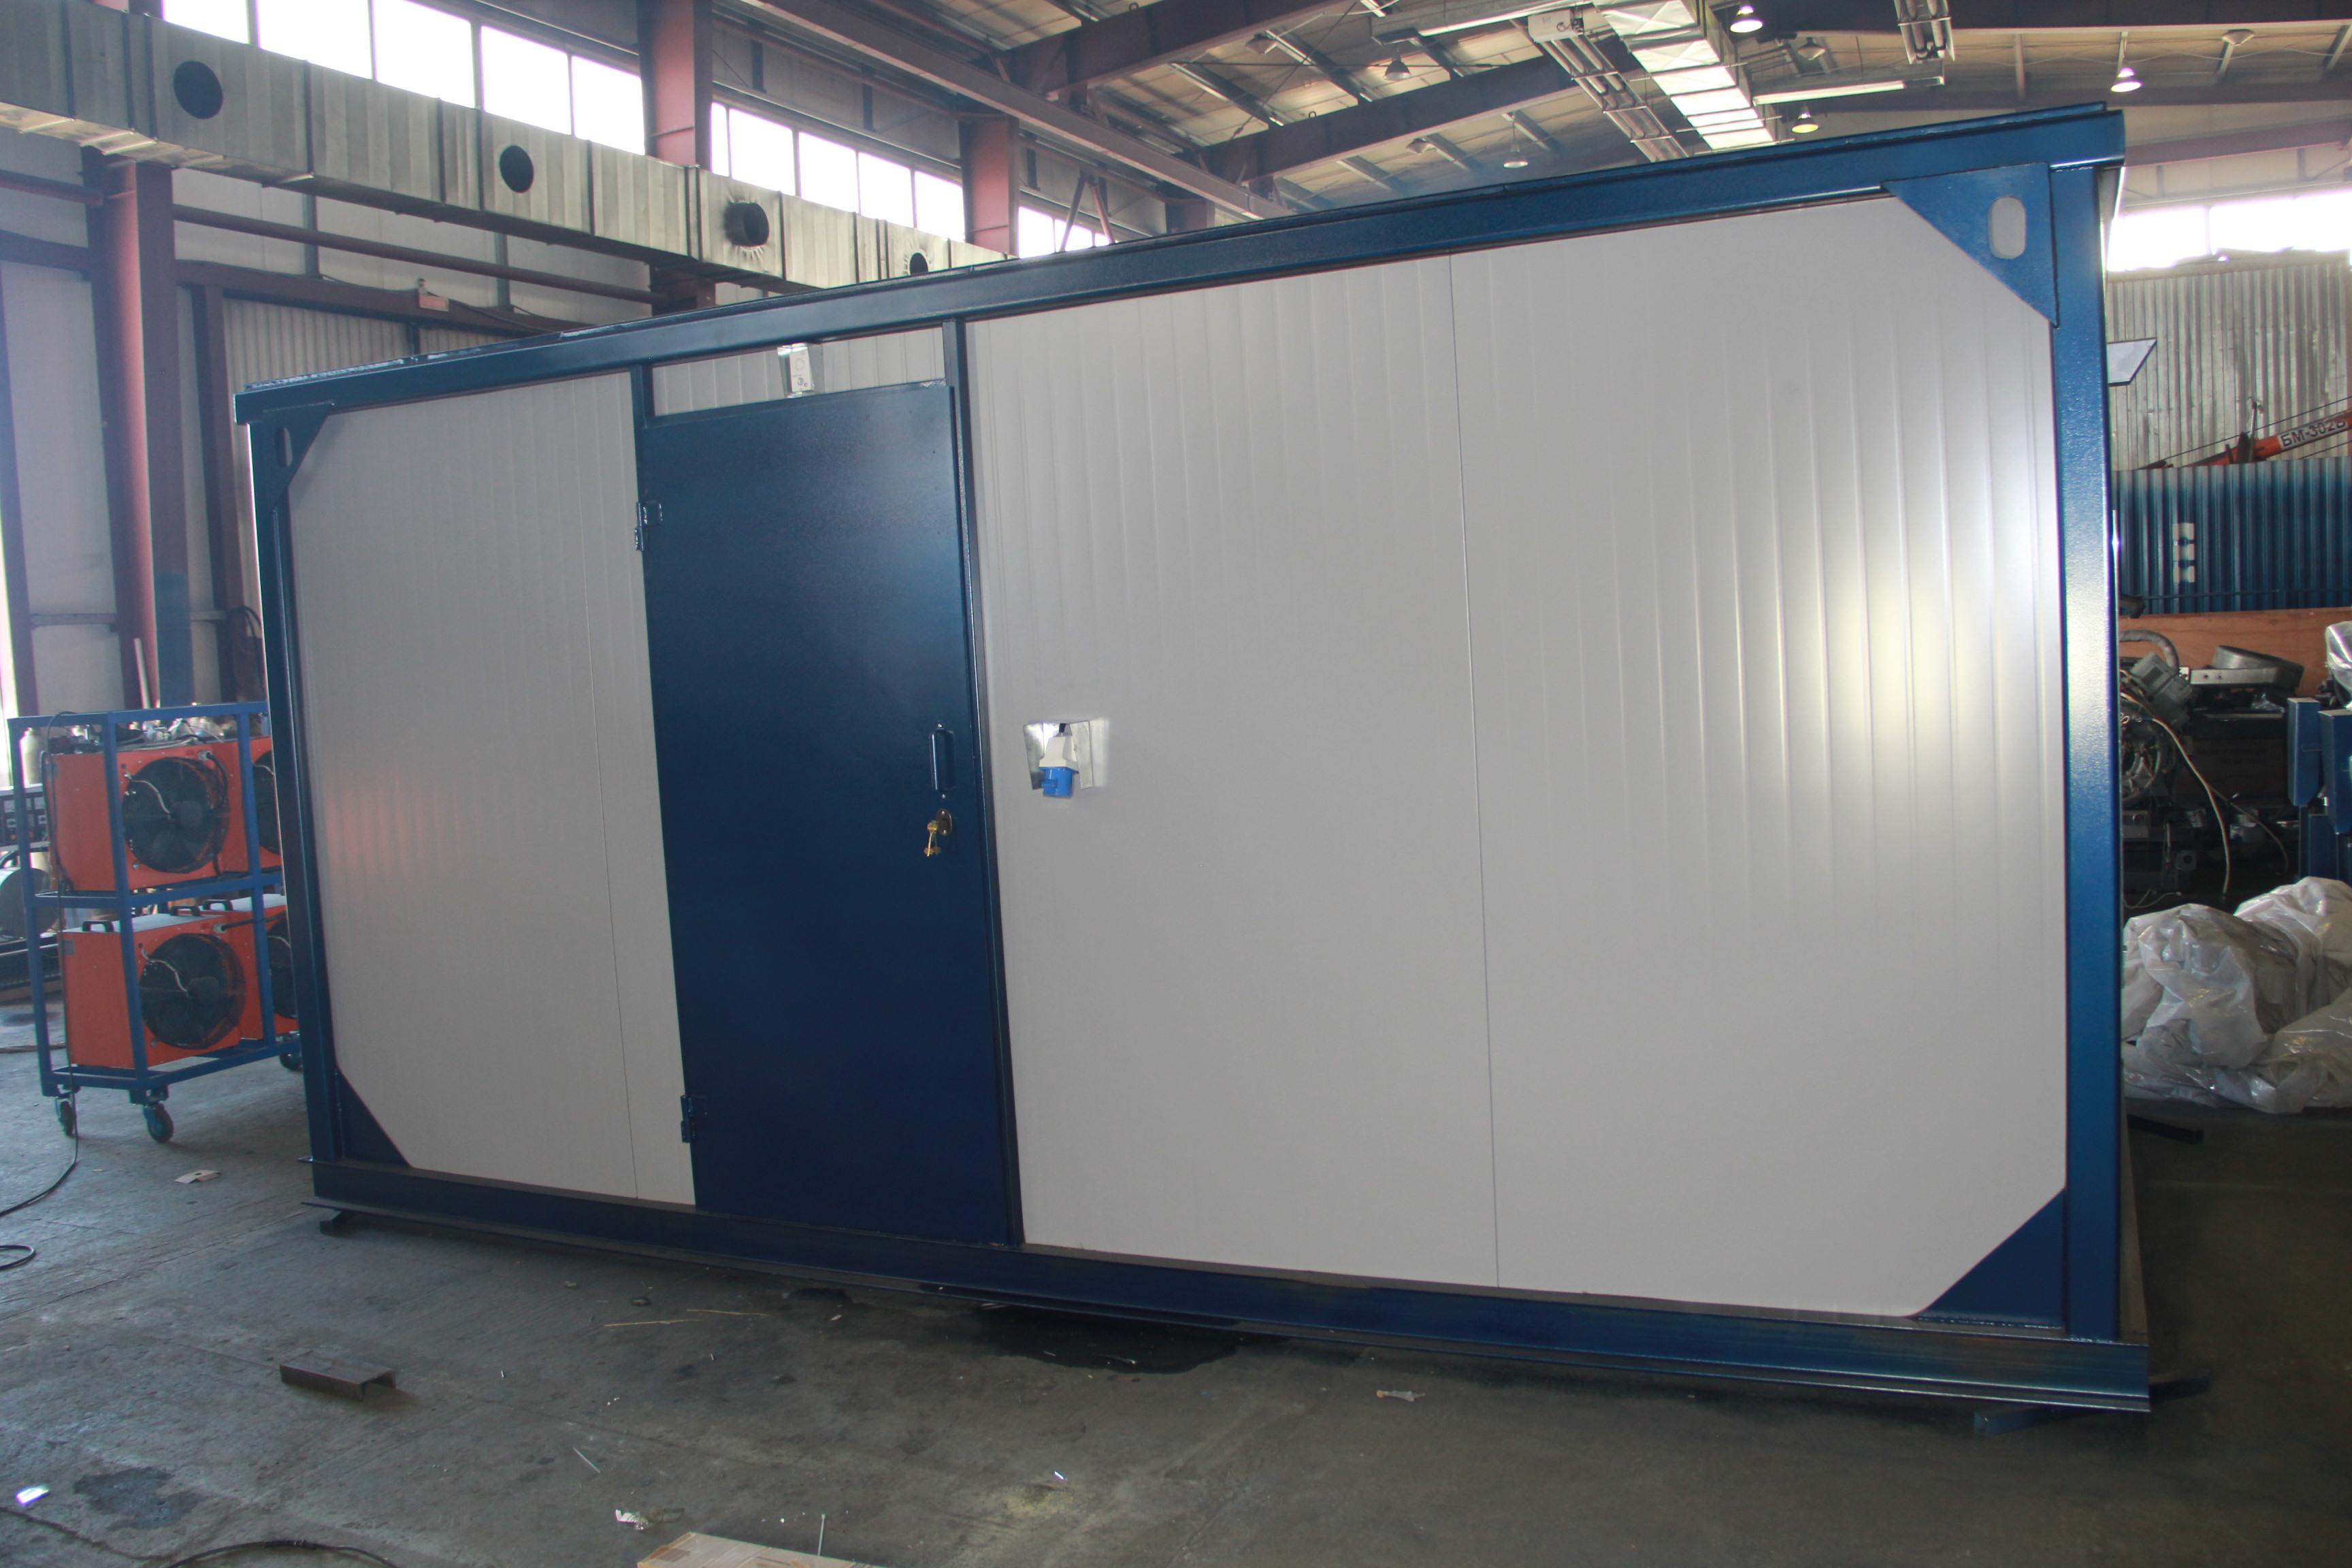 Внешний вид IVECO АД-200С-Т400-2РНИ с АВР в контейнере